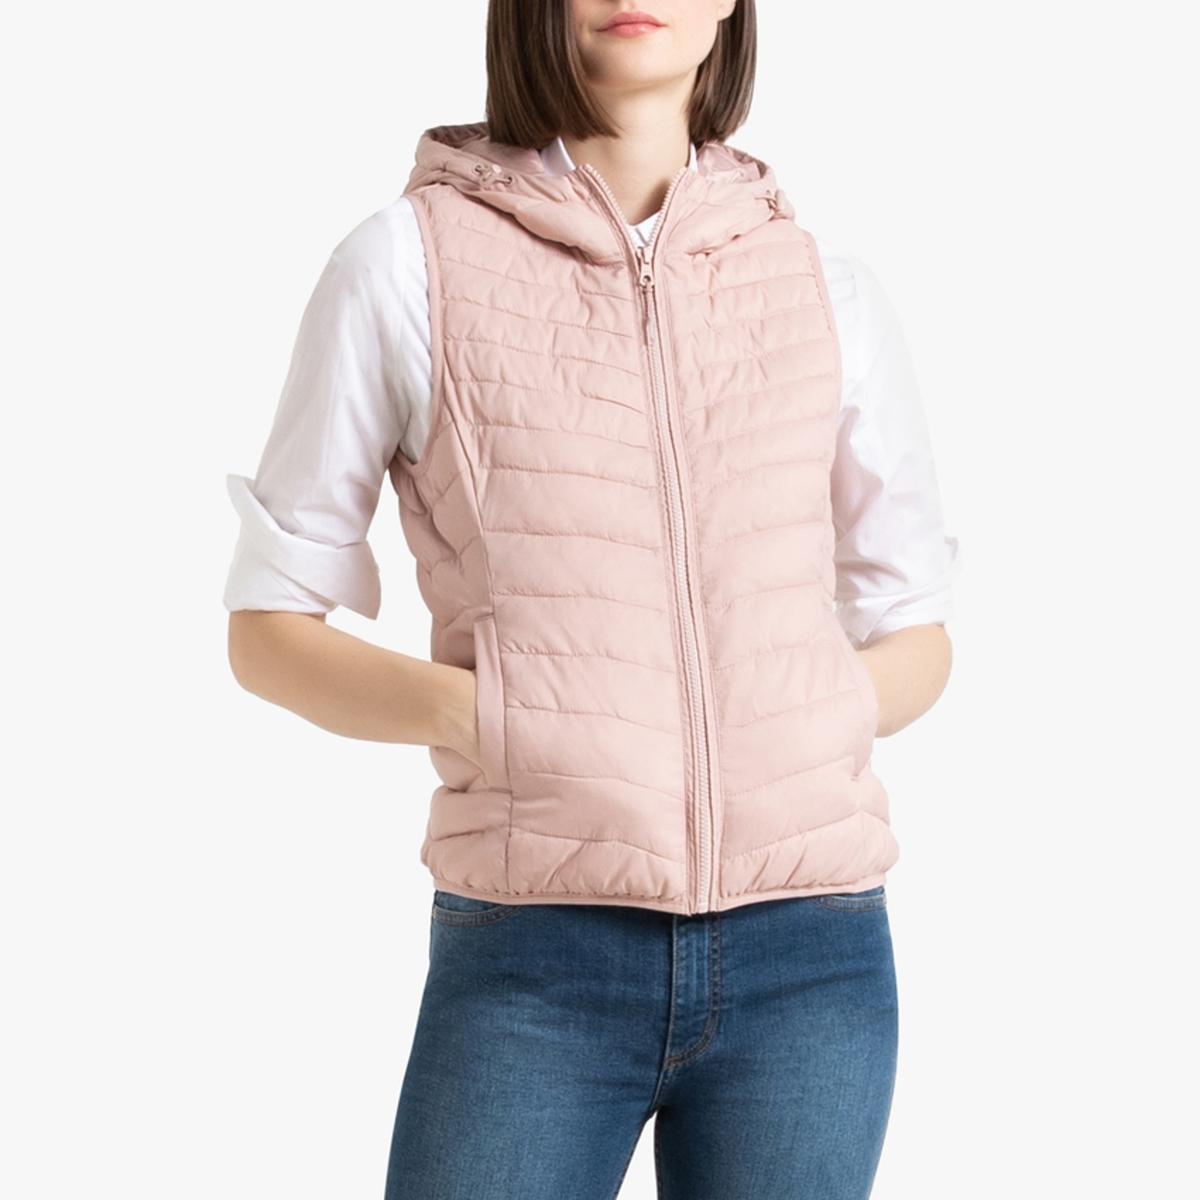 Жилет La Redoute Стеганый с капюшоном S розовый